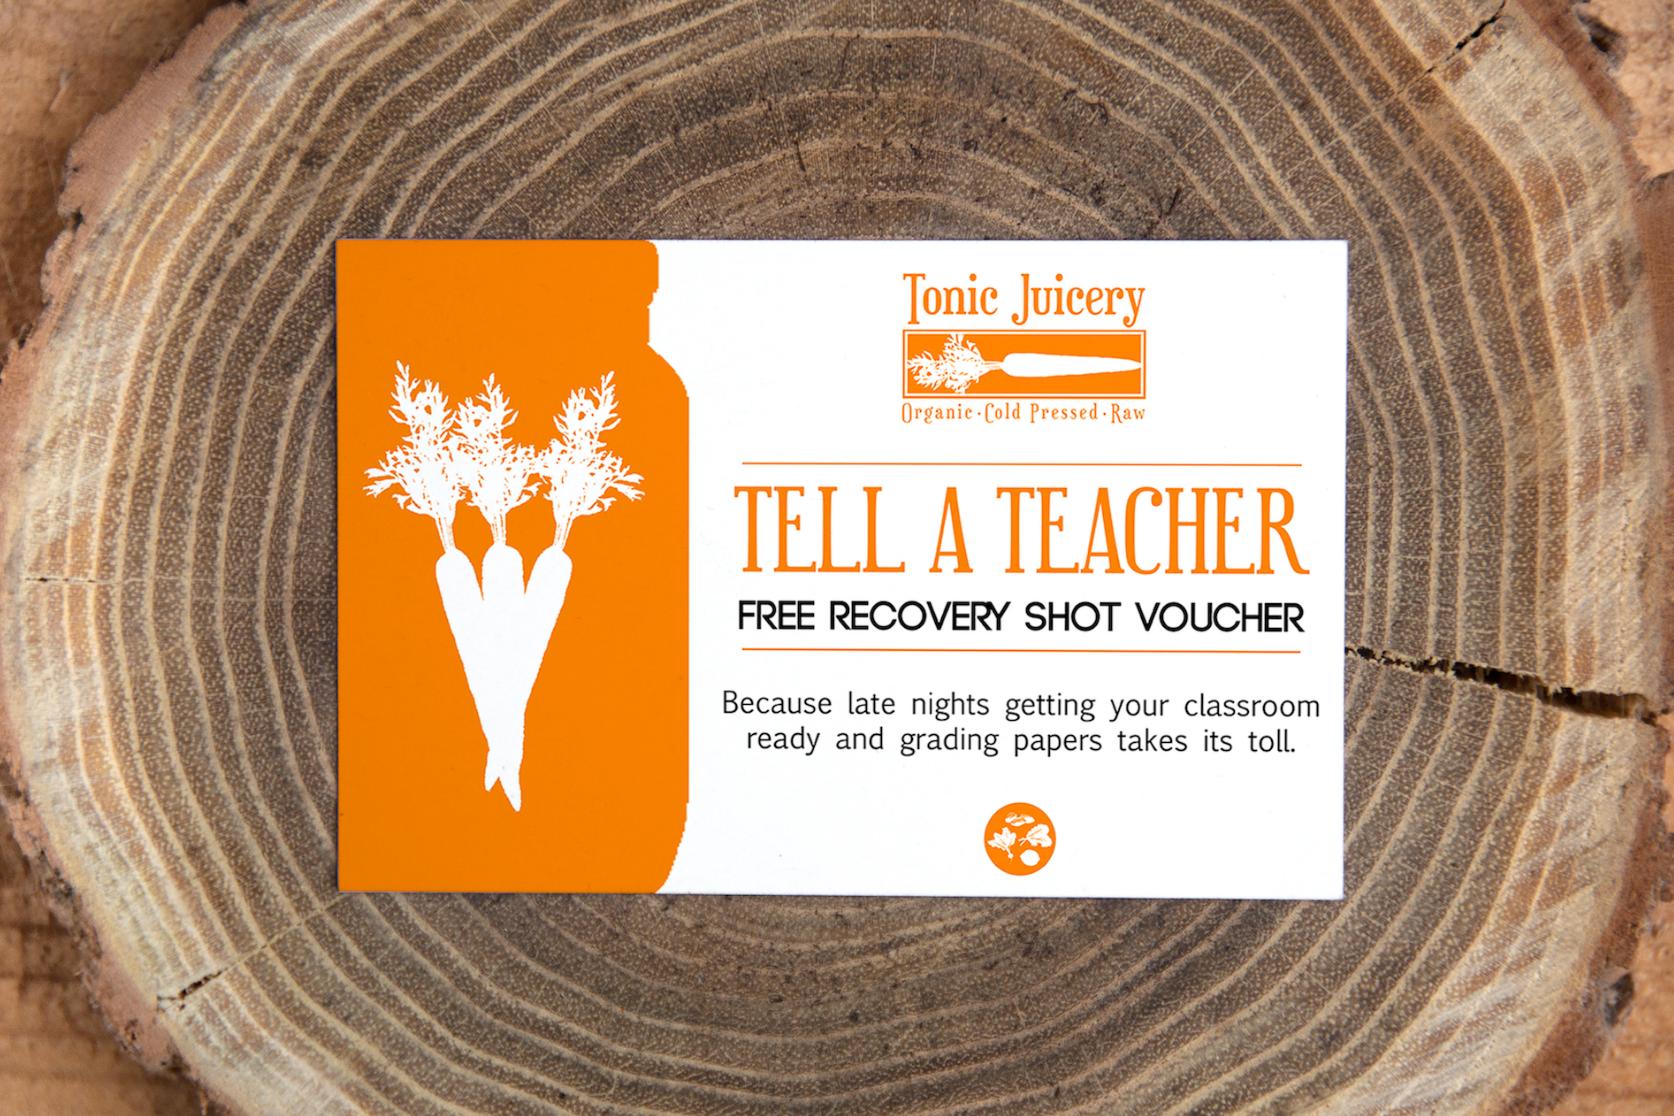 tell-a-teacher